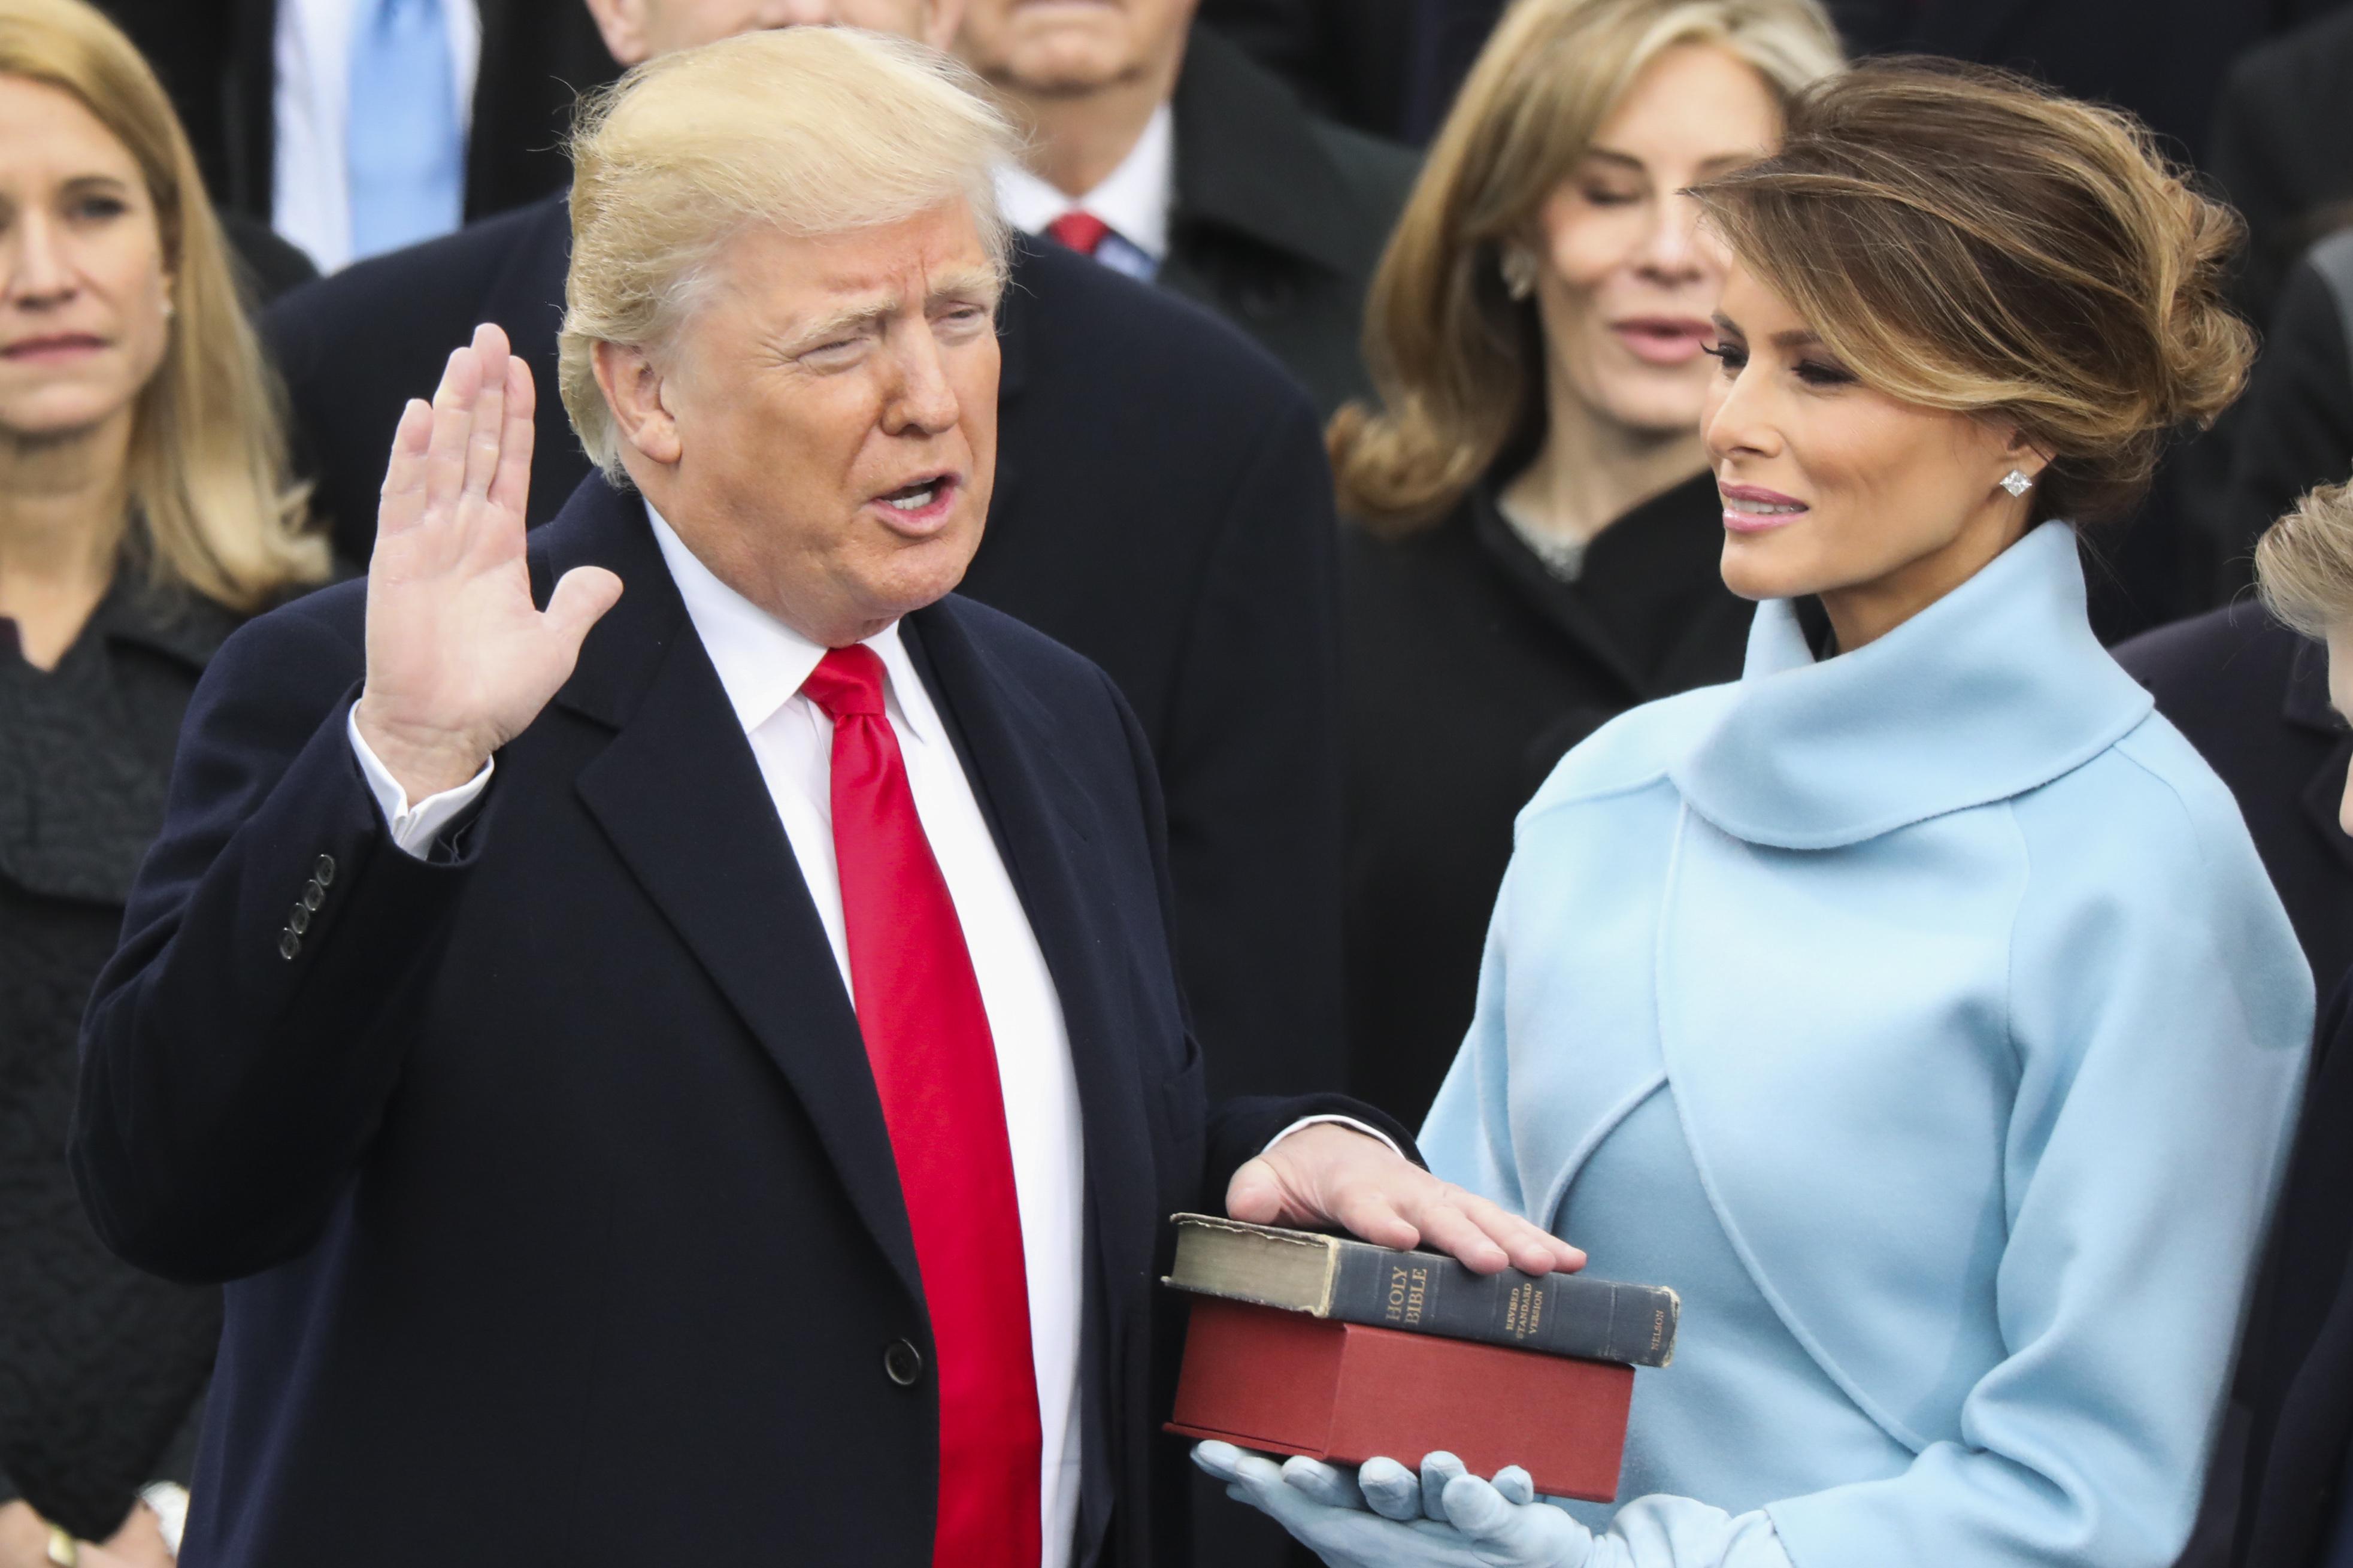 ترامب يكشف عن شعار حملته الانتخابية في 2020